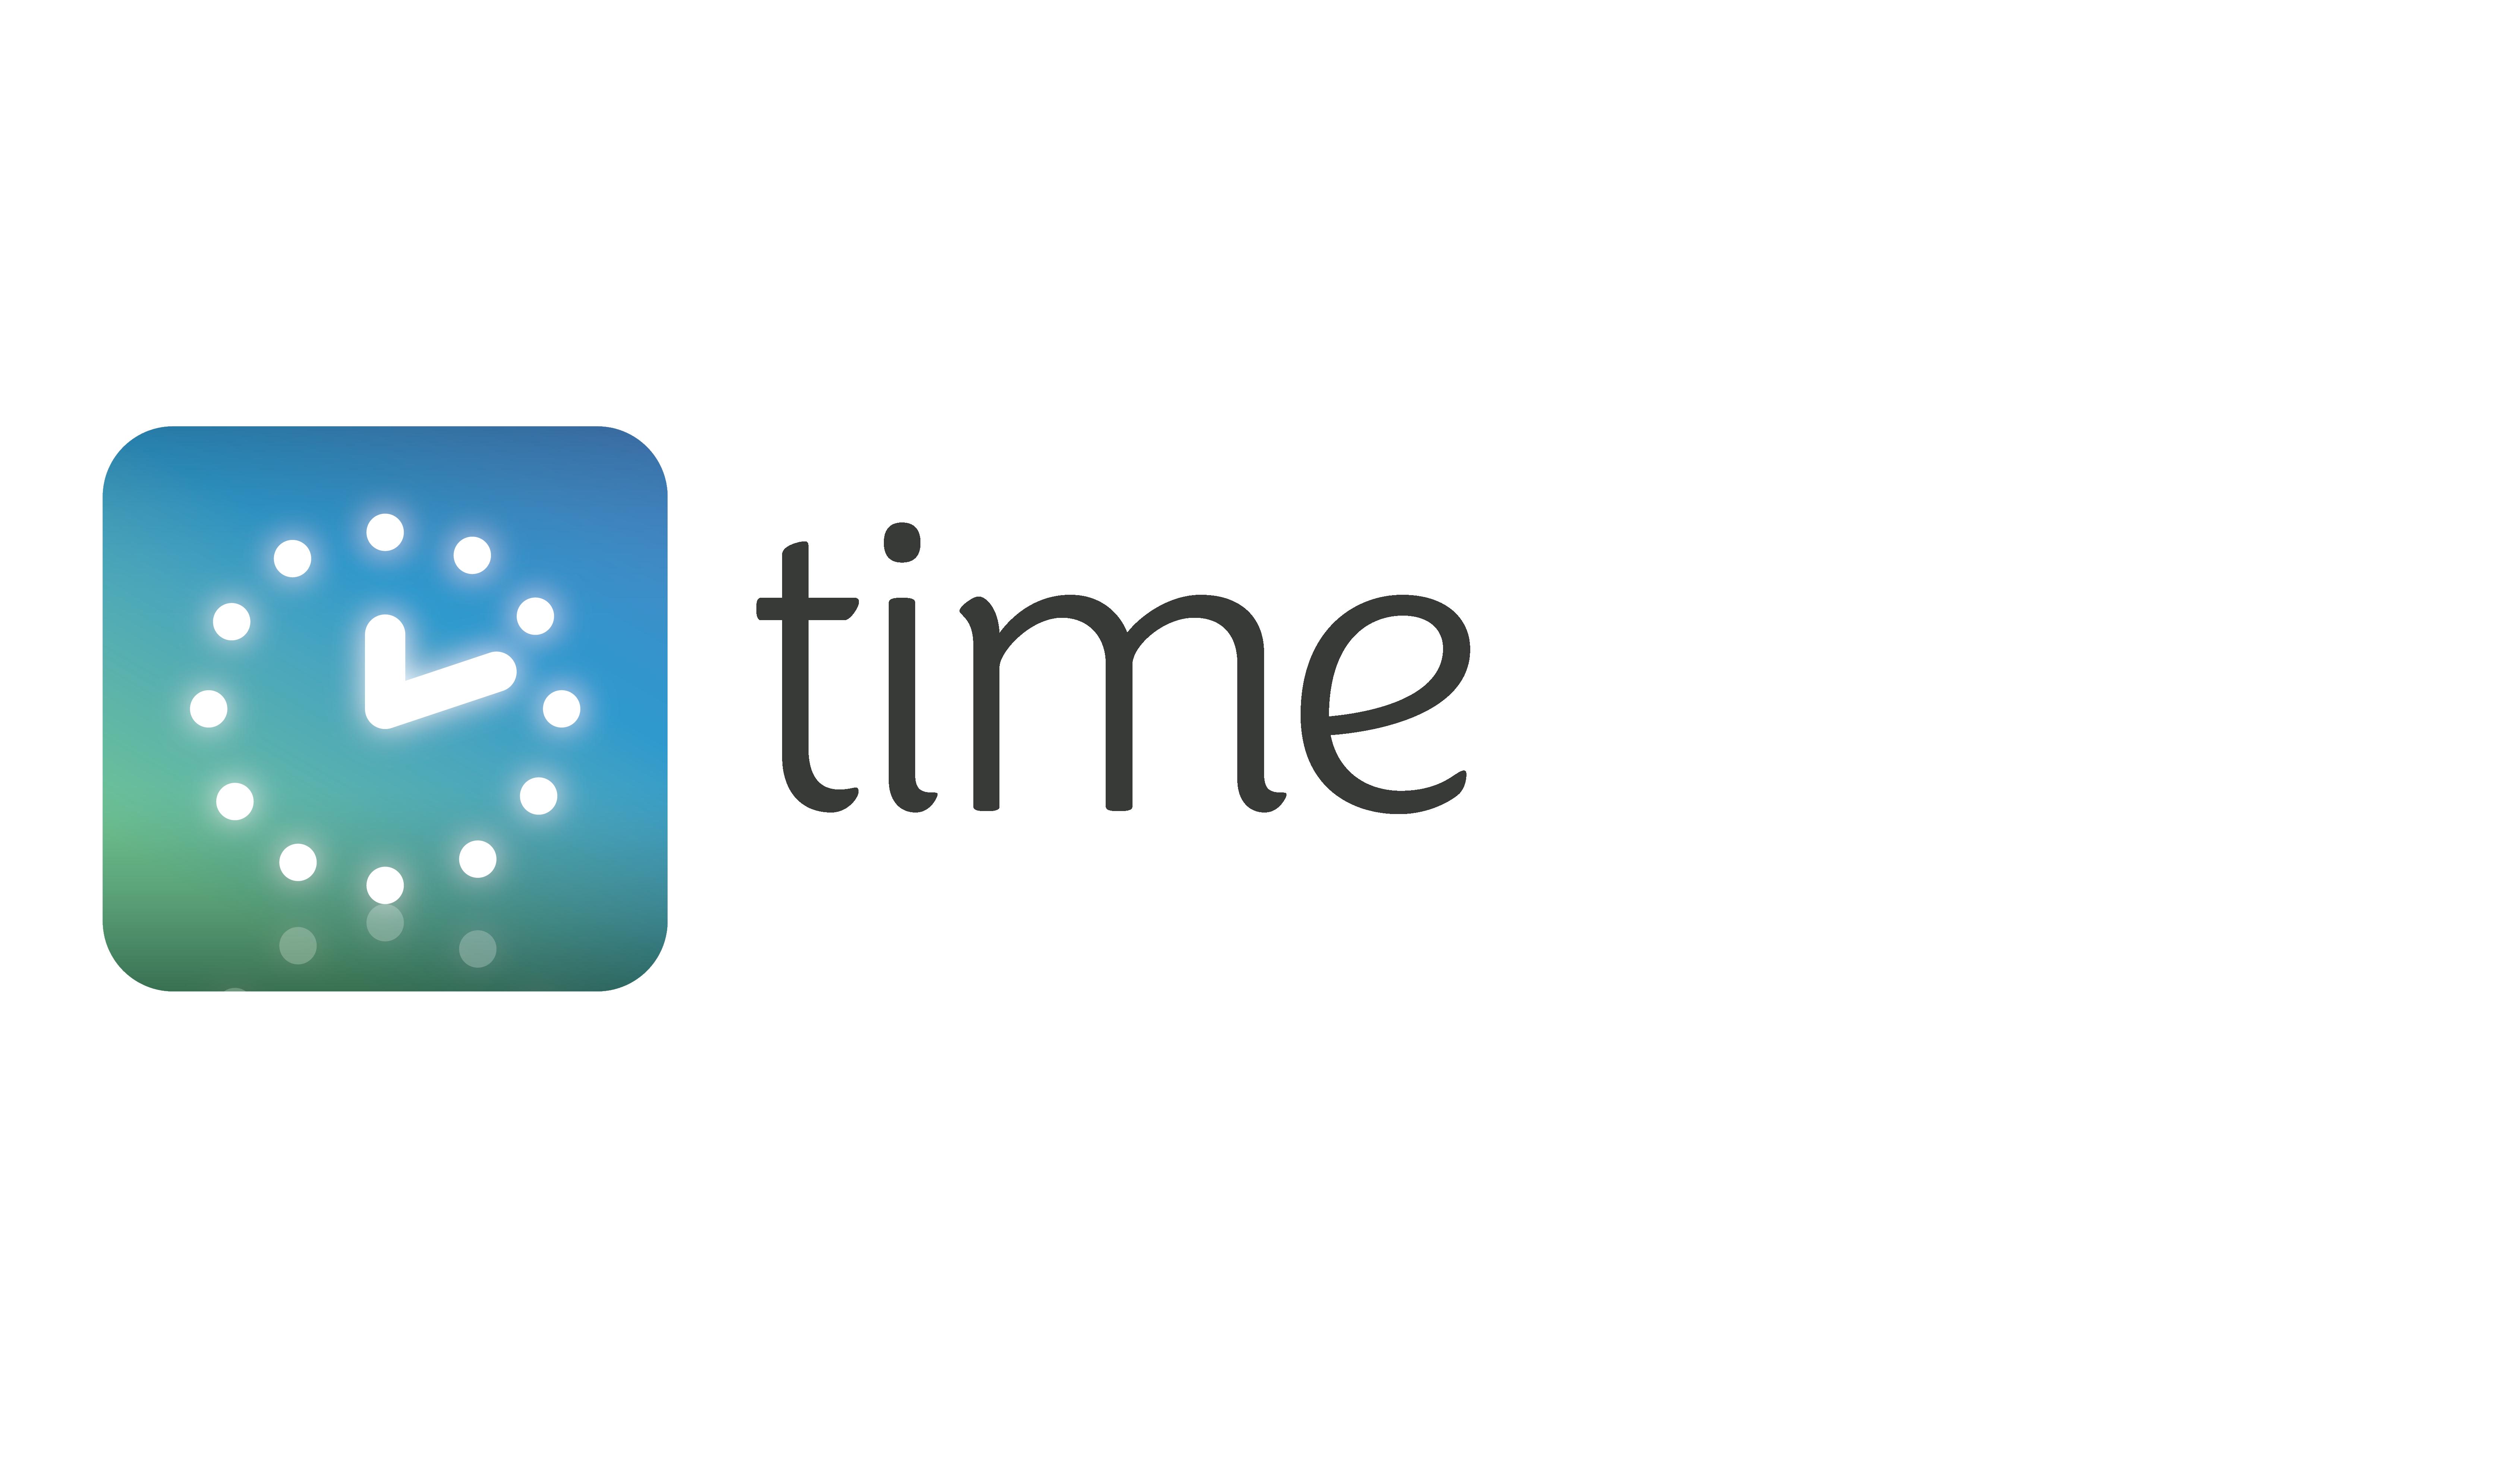 AltaViu_Time_1